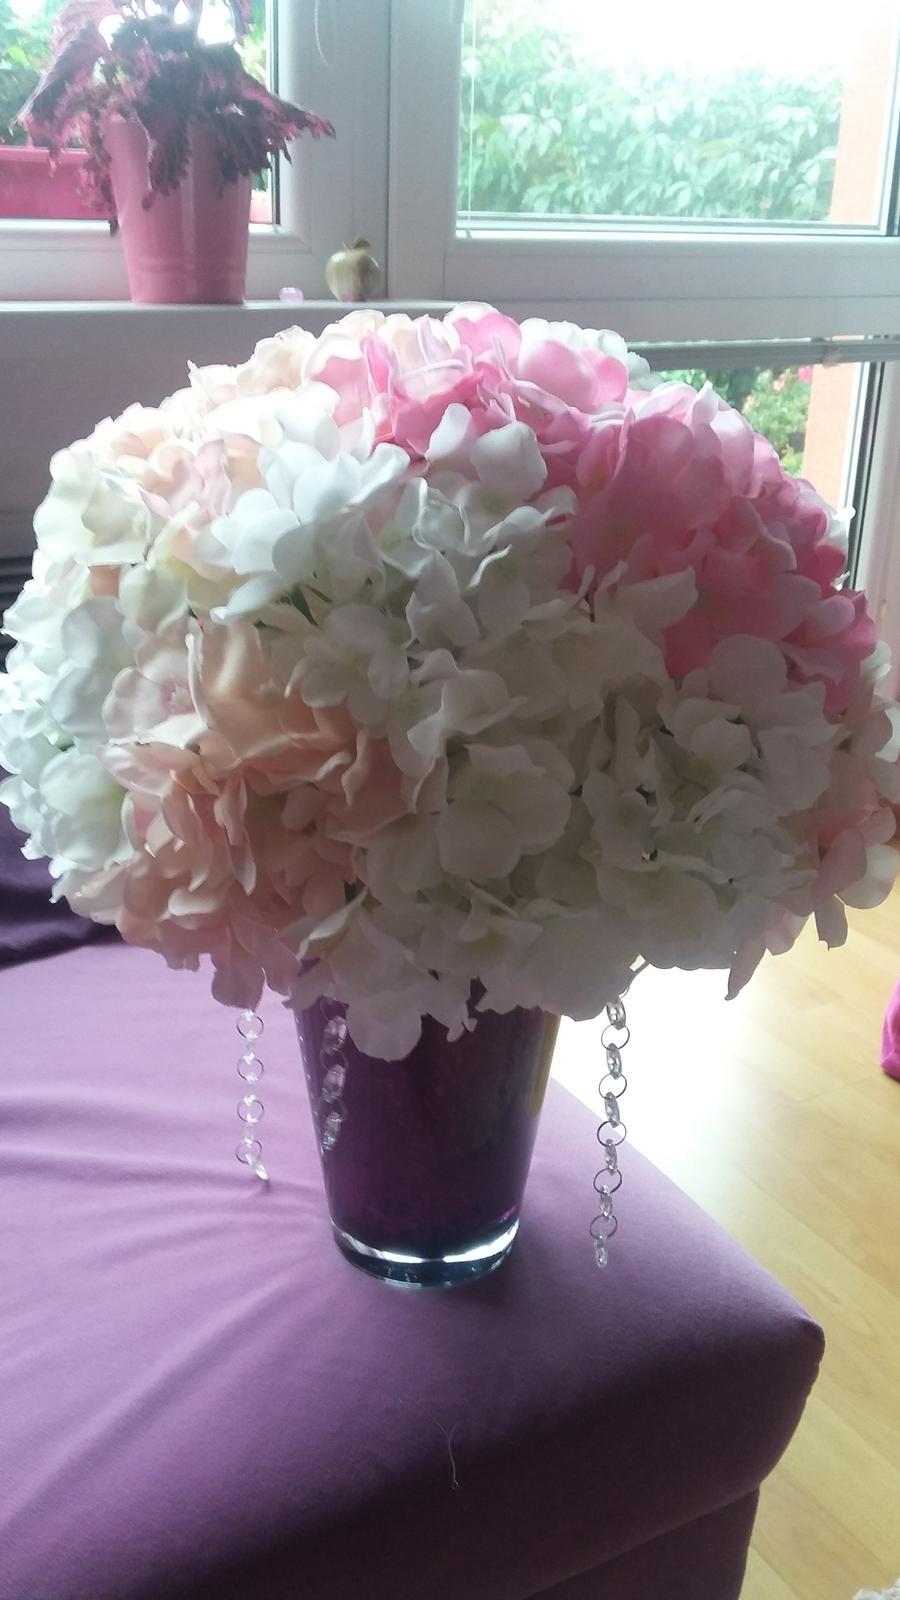 Svadobné kytice z umelých hortenzií - Obrázok č. 2